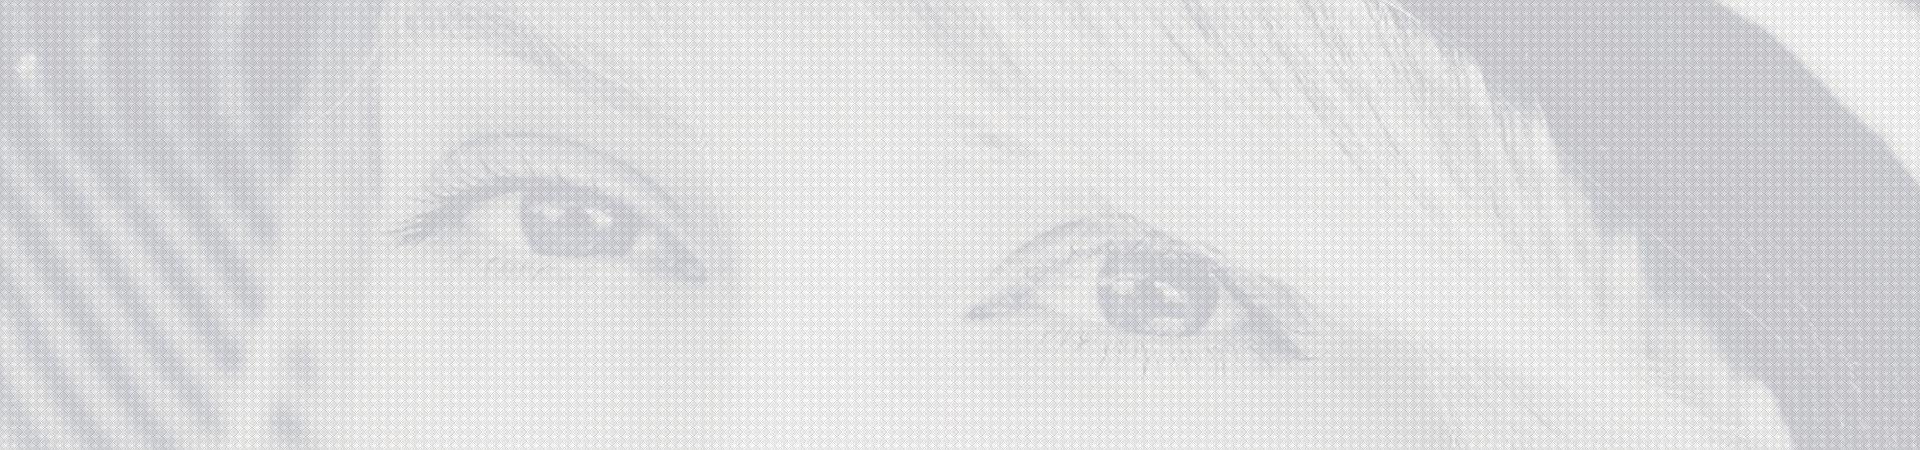 bg-eyes